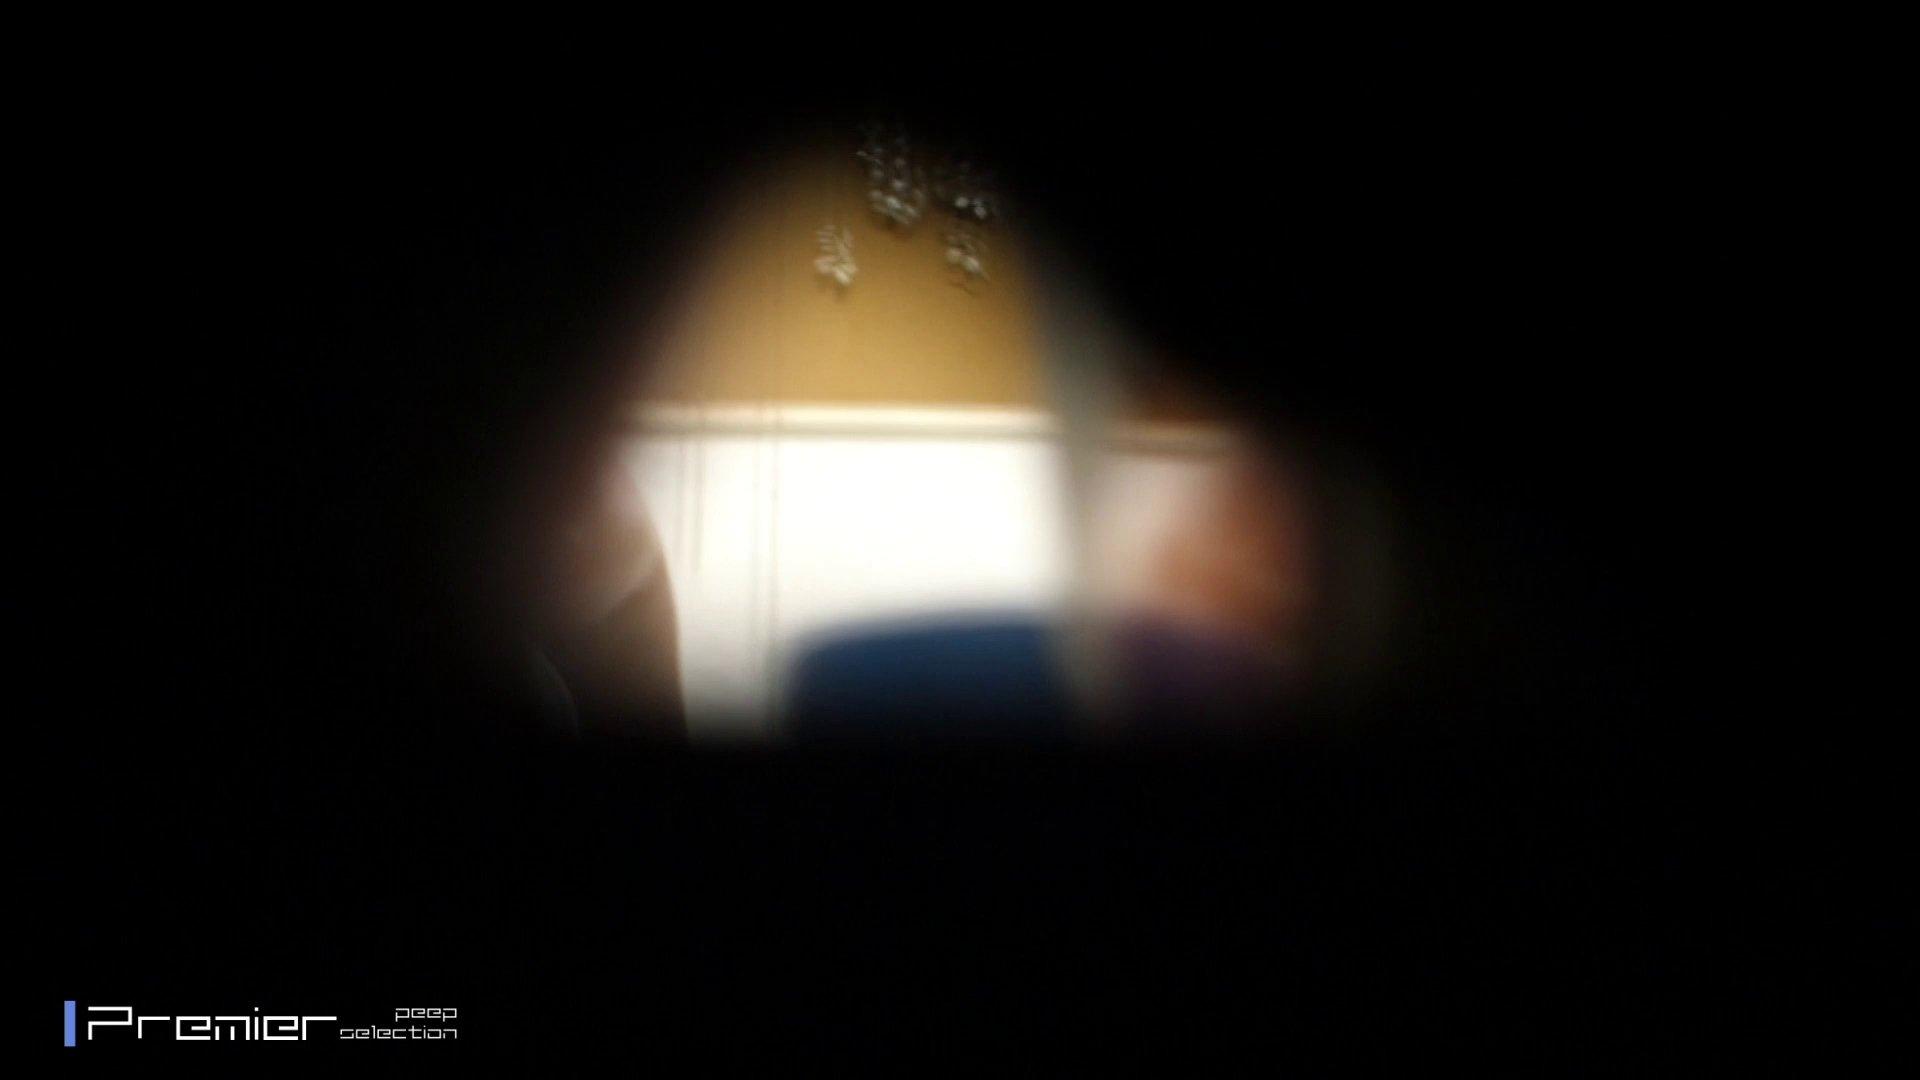 美形爆乳 OL の卑猥なボディ 美女達の私生活に潜入! 潜入 ワレメ無修正動画無料 37画像 23